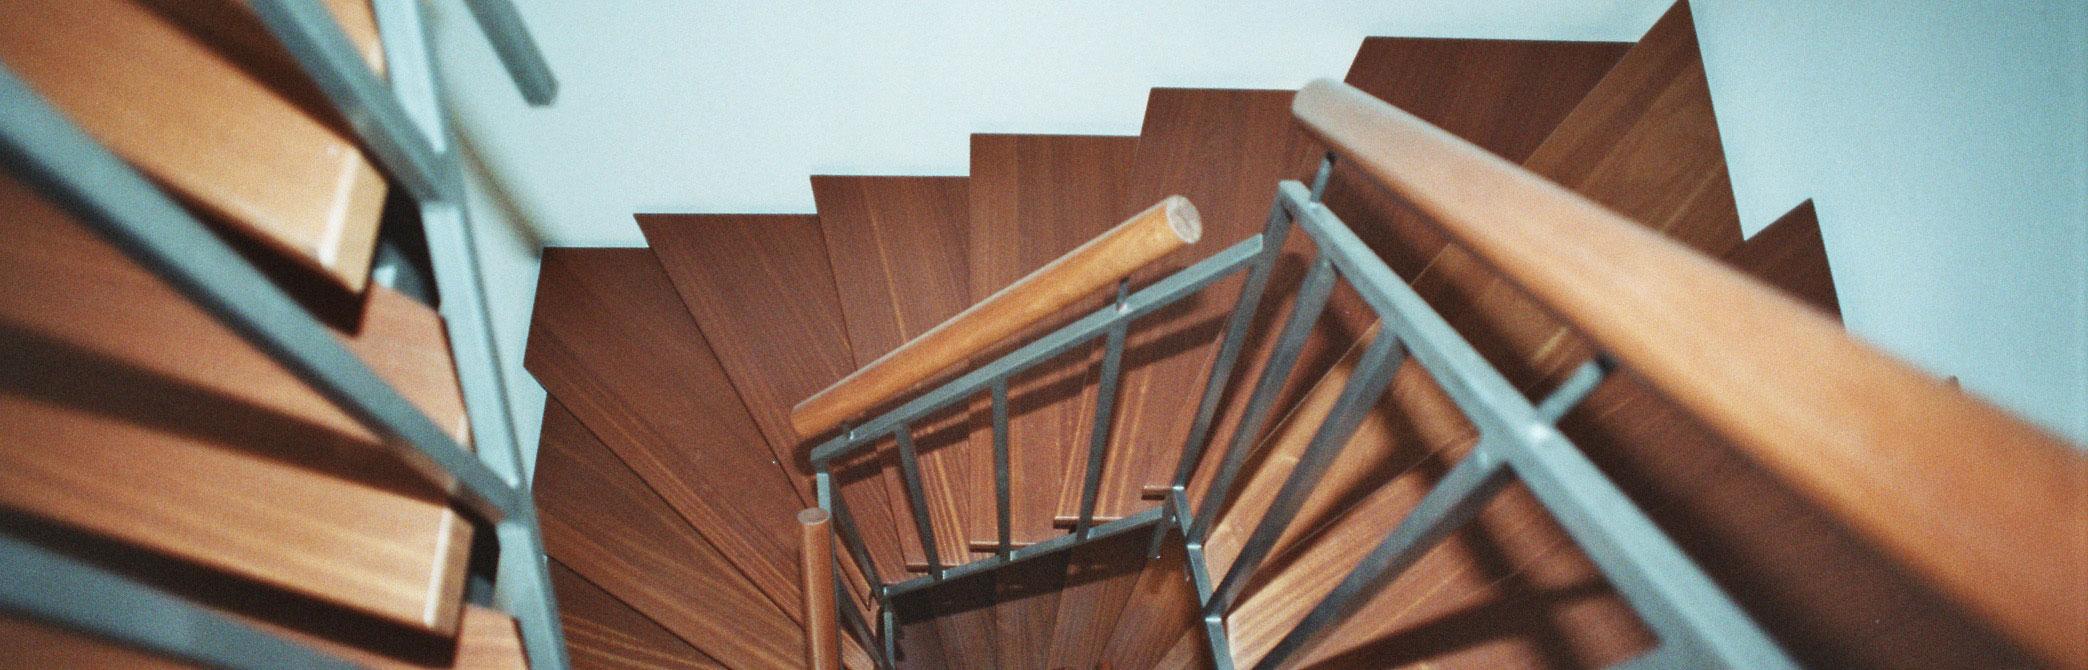 Treppenstufen Aus Holz. treppenstufen holz auf metall kleben. treppenstufen knarren was k nnen ...